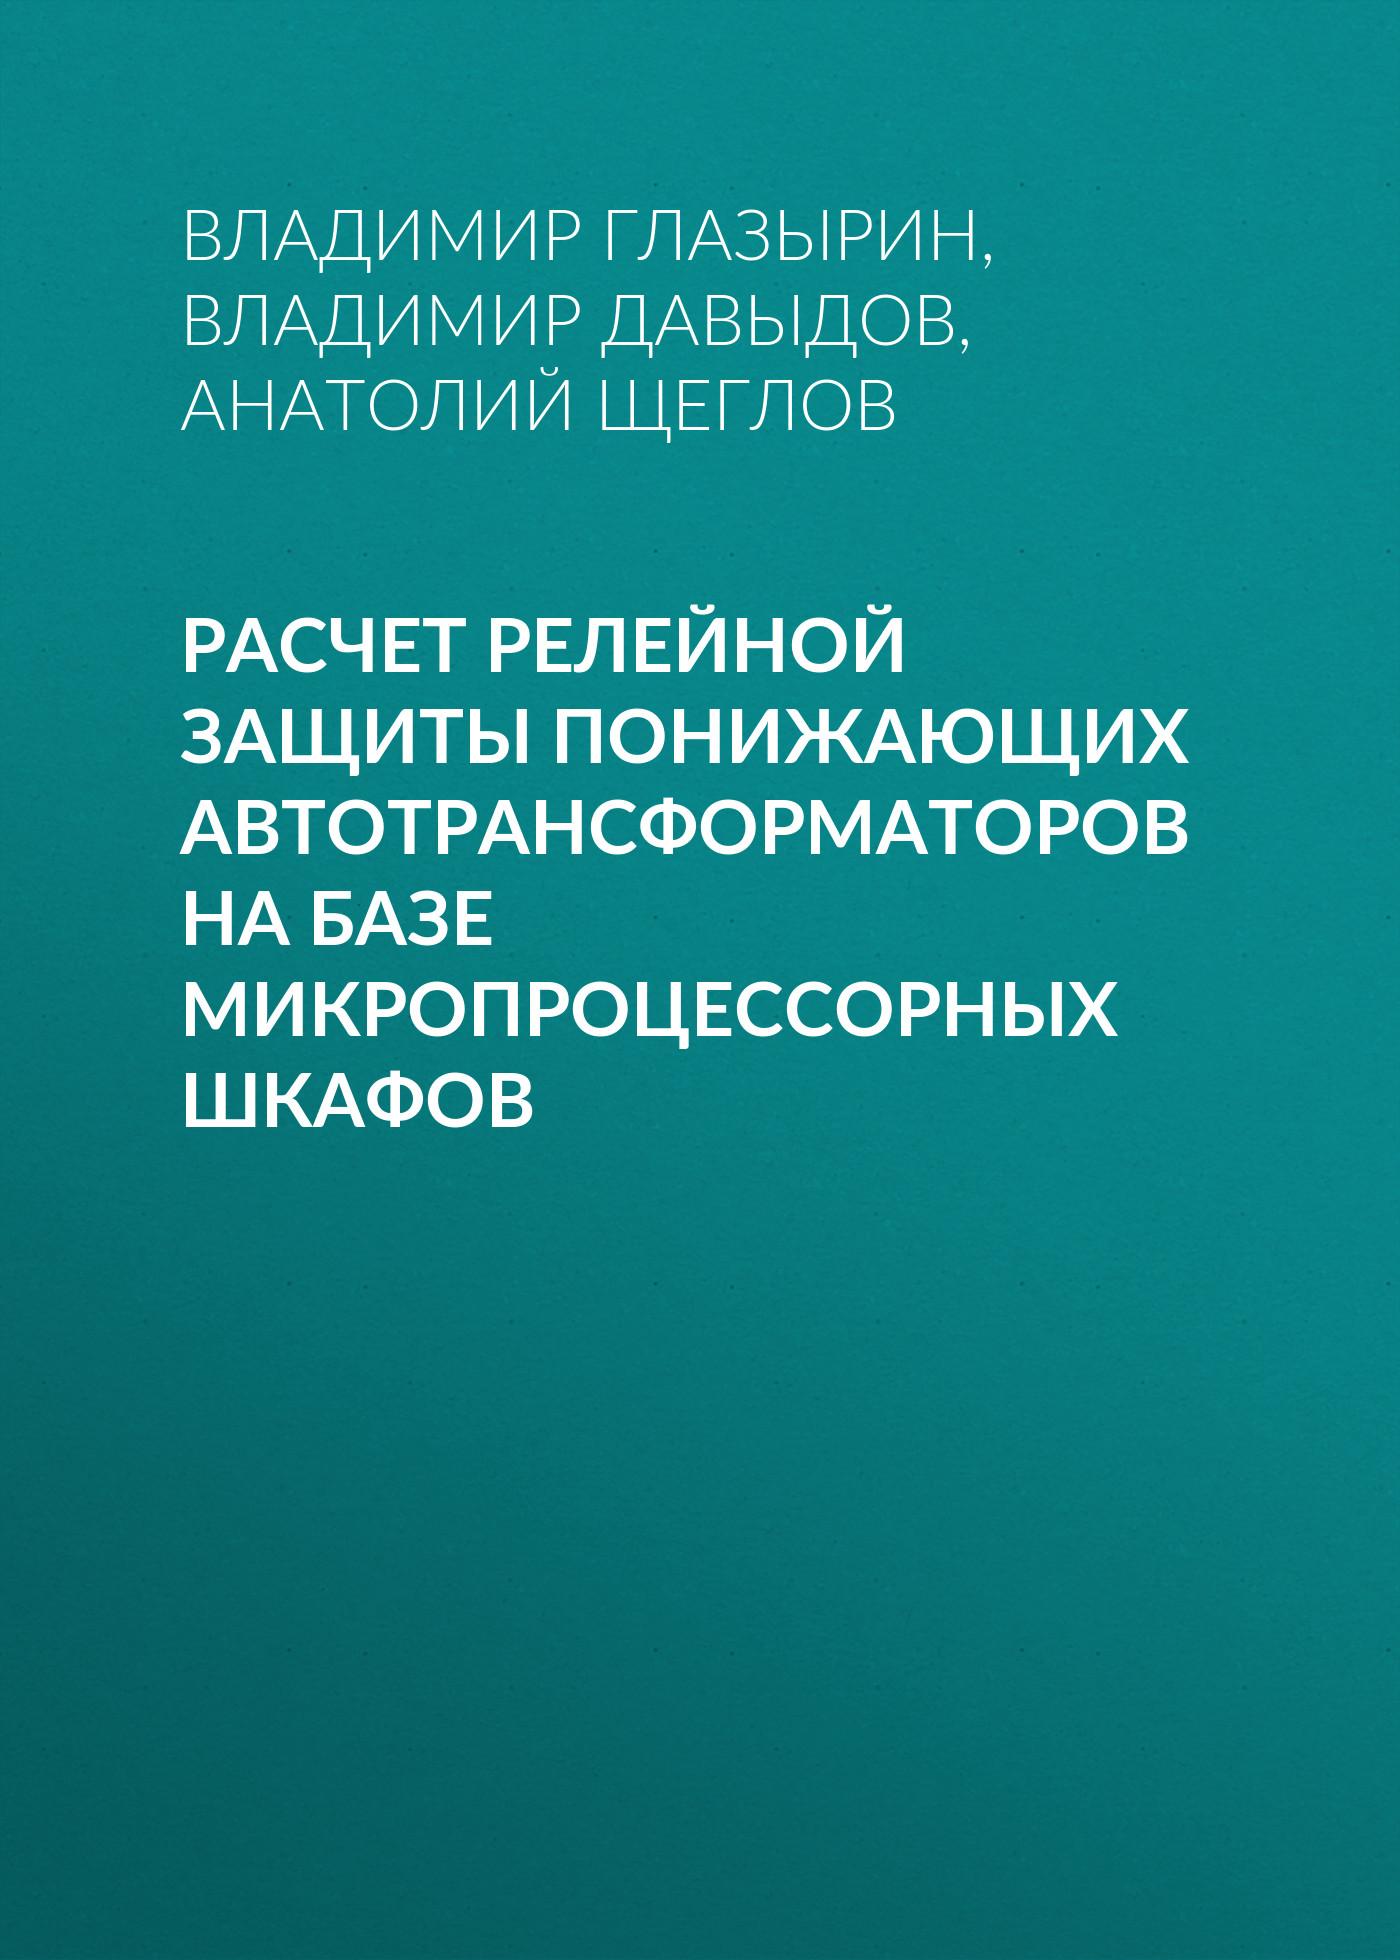 Анатолий Щеглов Расчет релейной защиты понижающих автотрансформаторов на базе микропроцессорных шкафов расчет авиаперелета